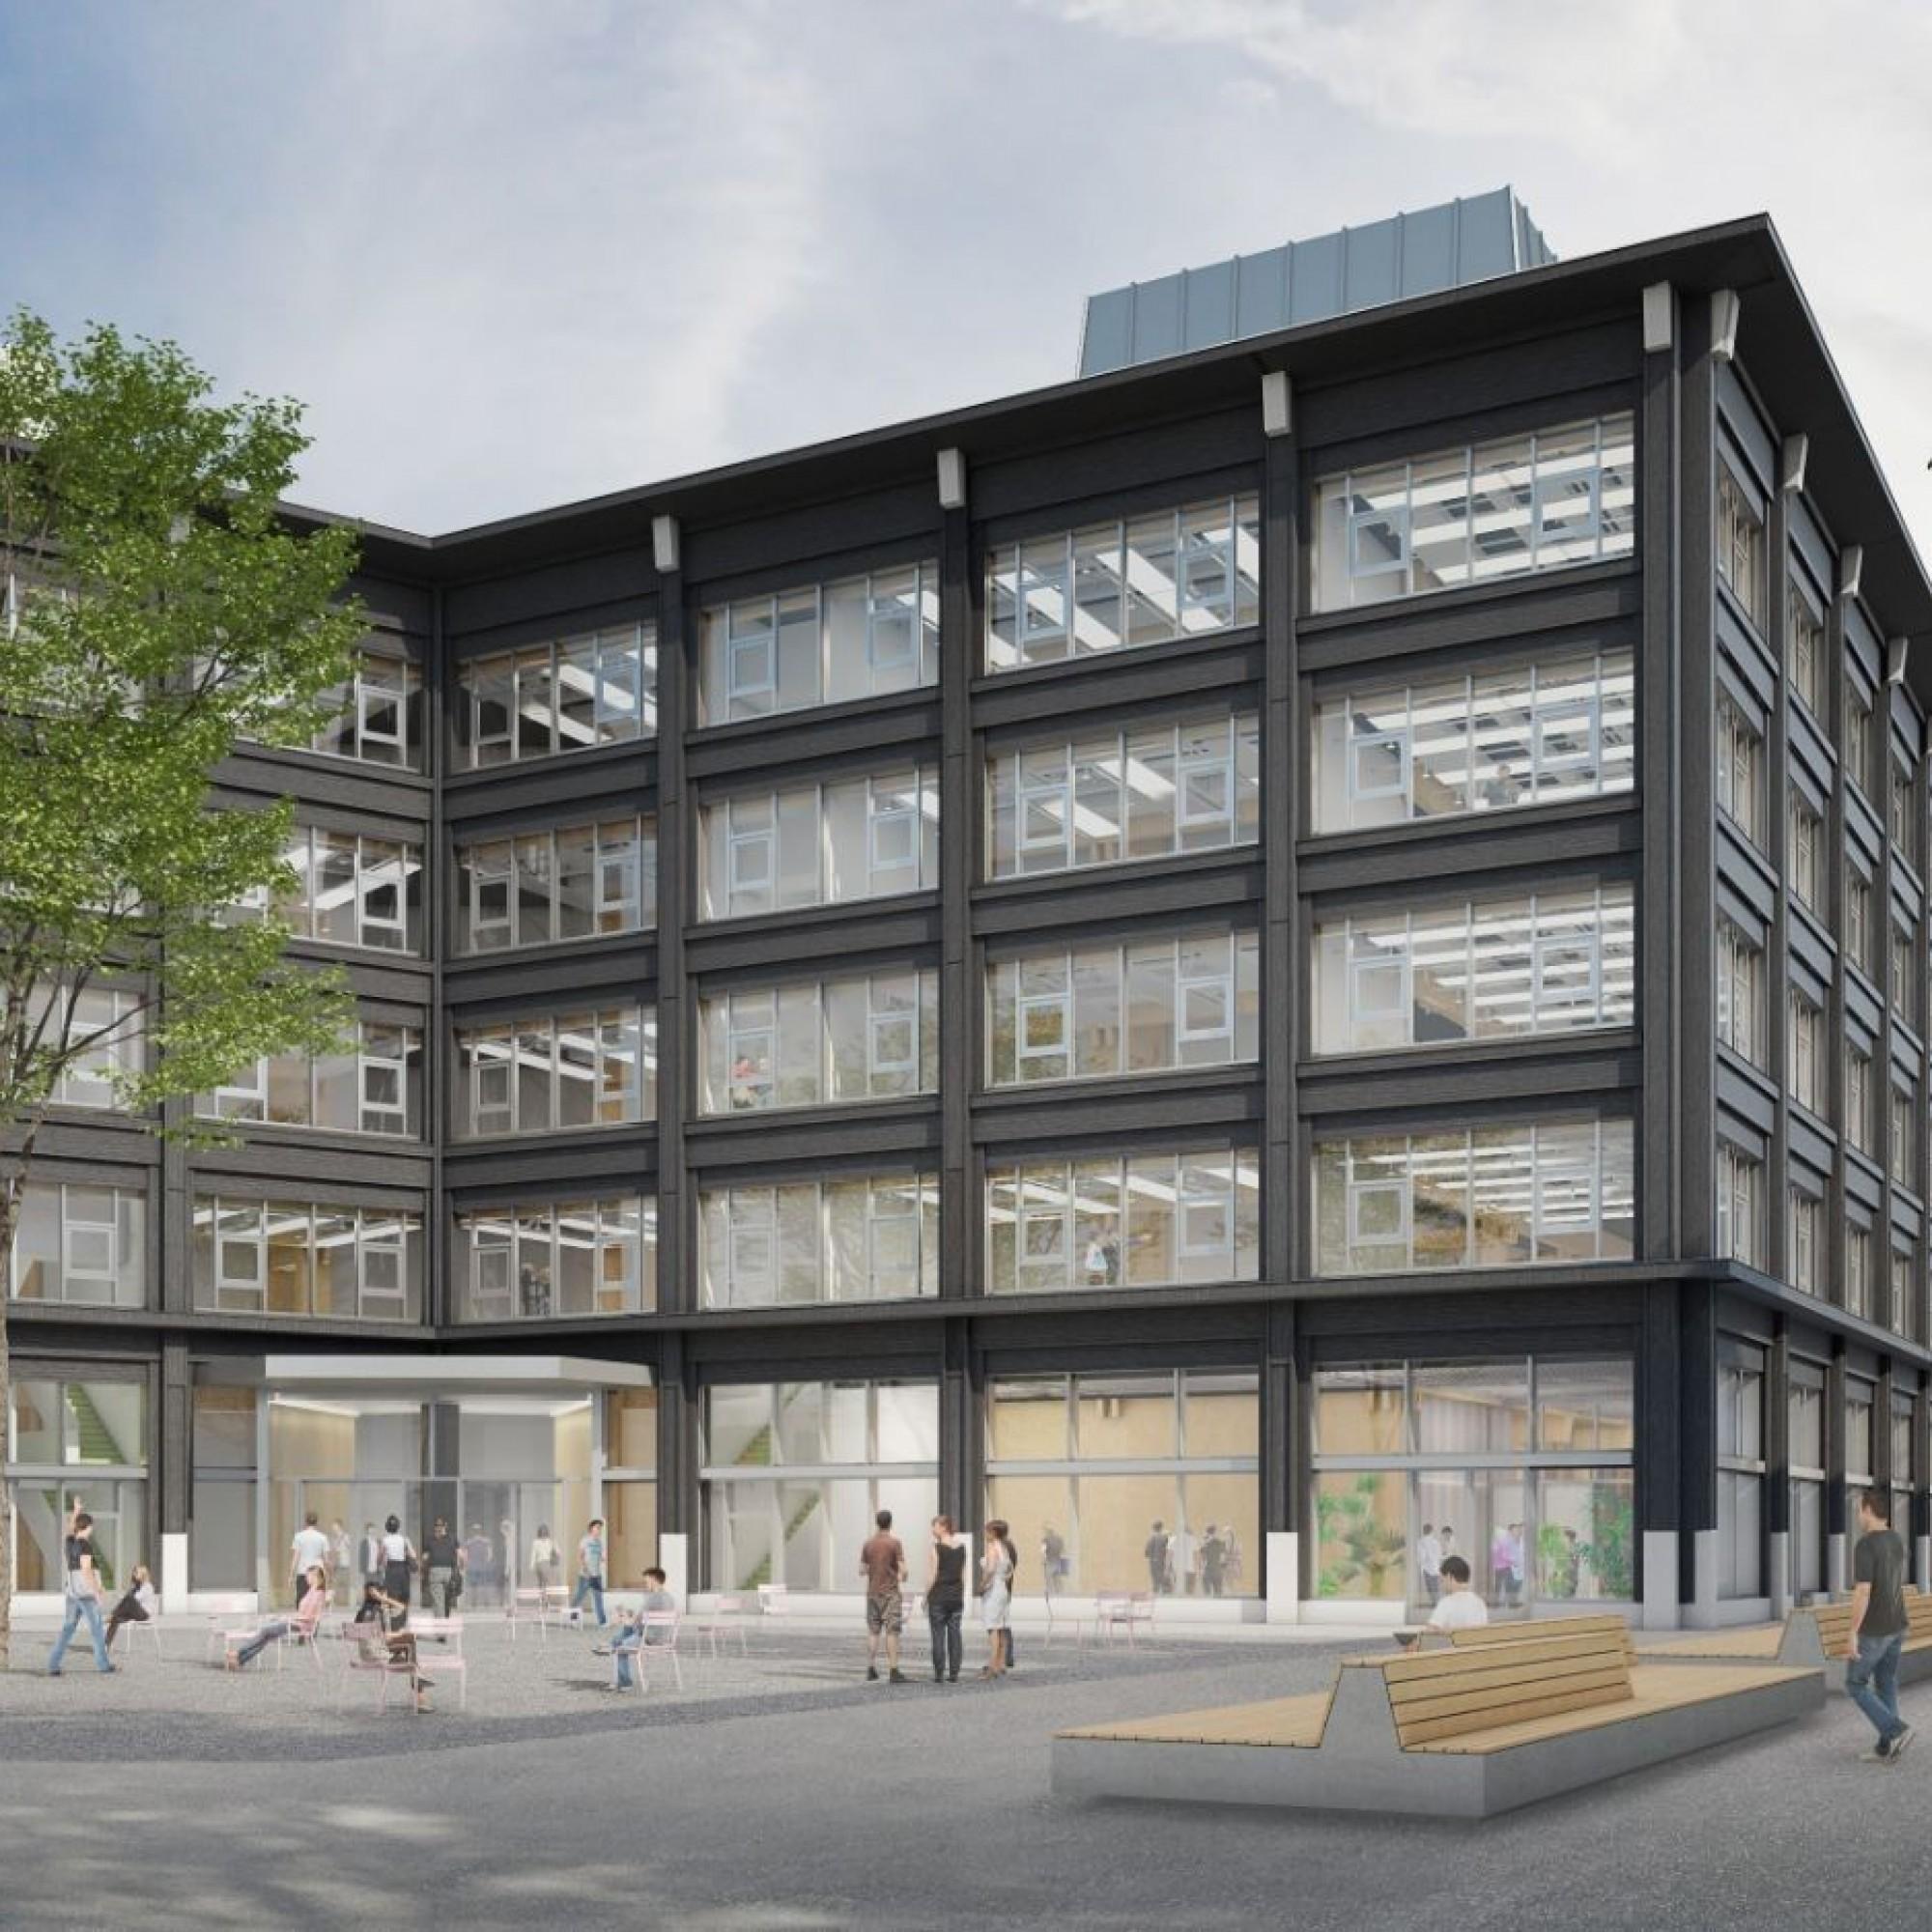 Le regroupement de diverses filières de formation à Bienne est perçu comme un atout économique pour la ville.